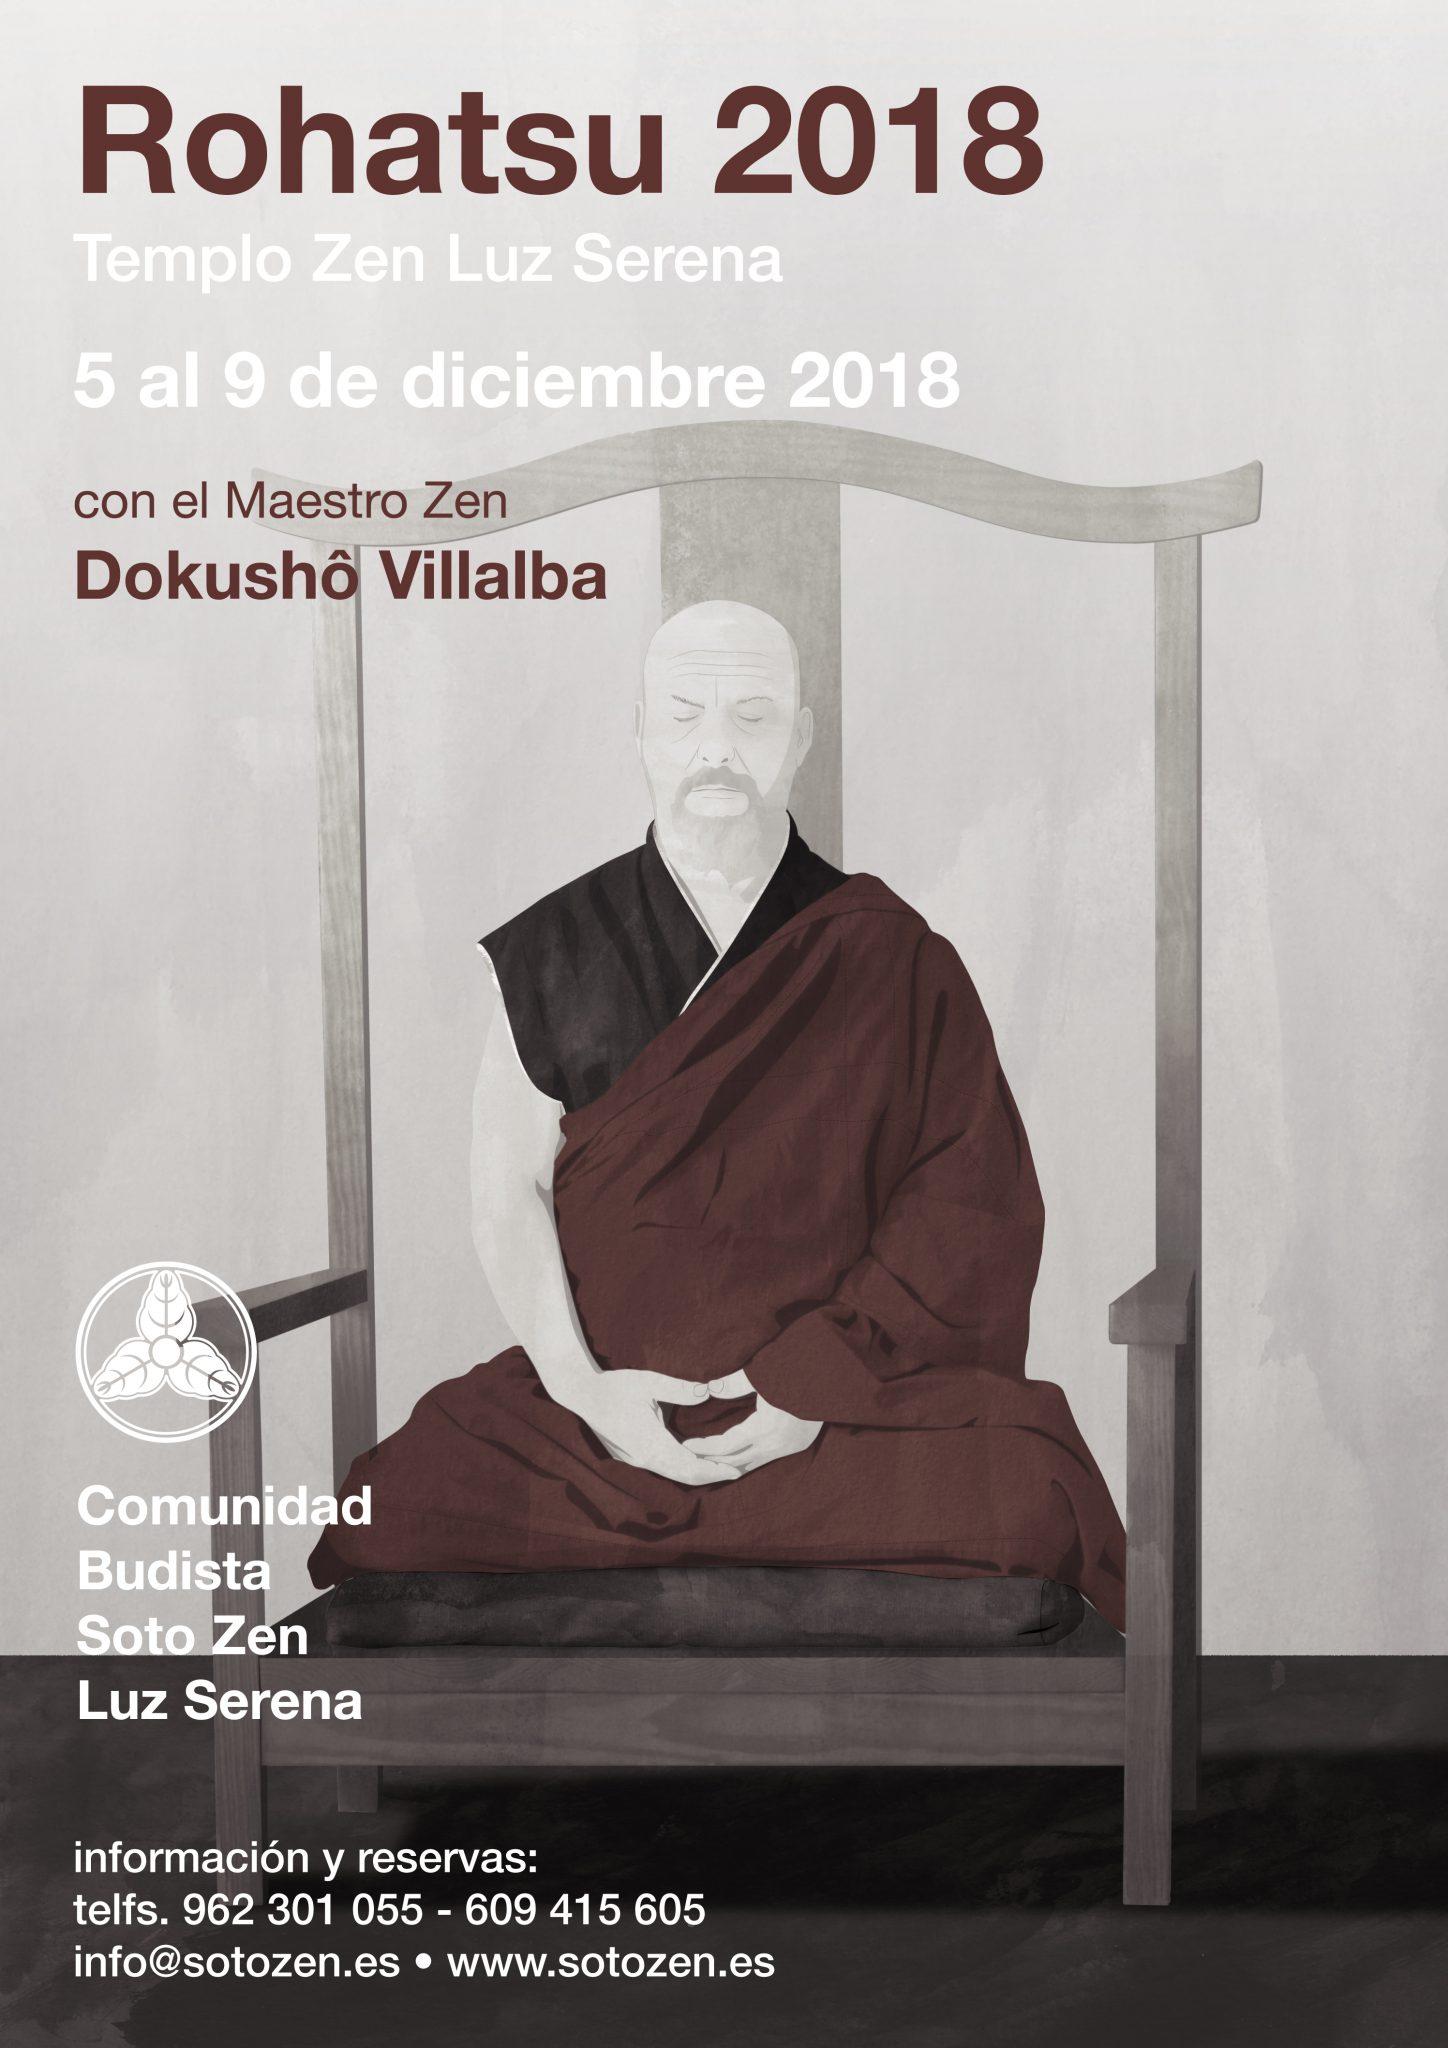 Rohatsu sesshin 2018